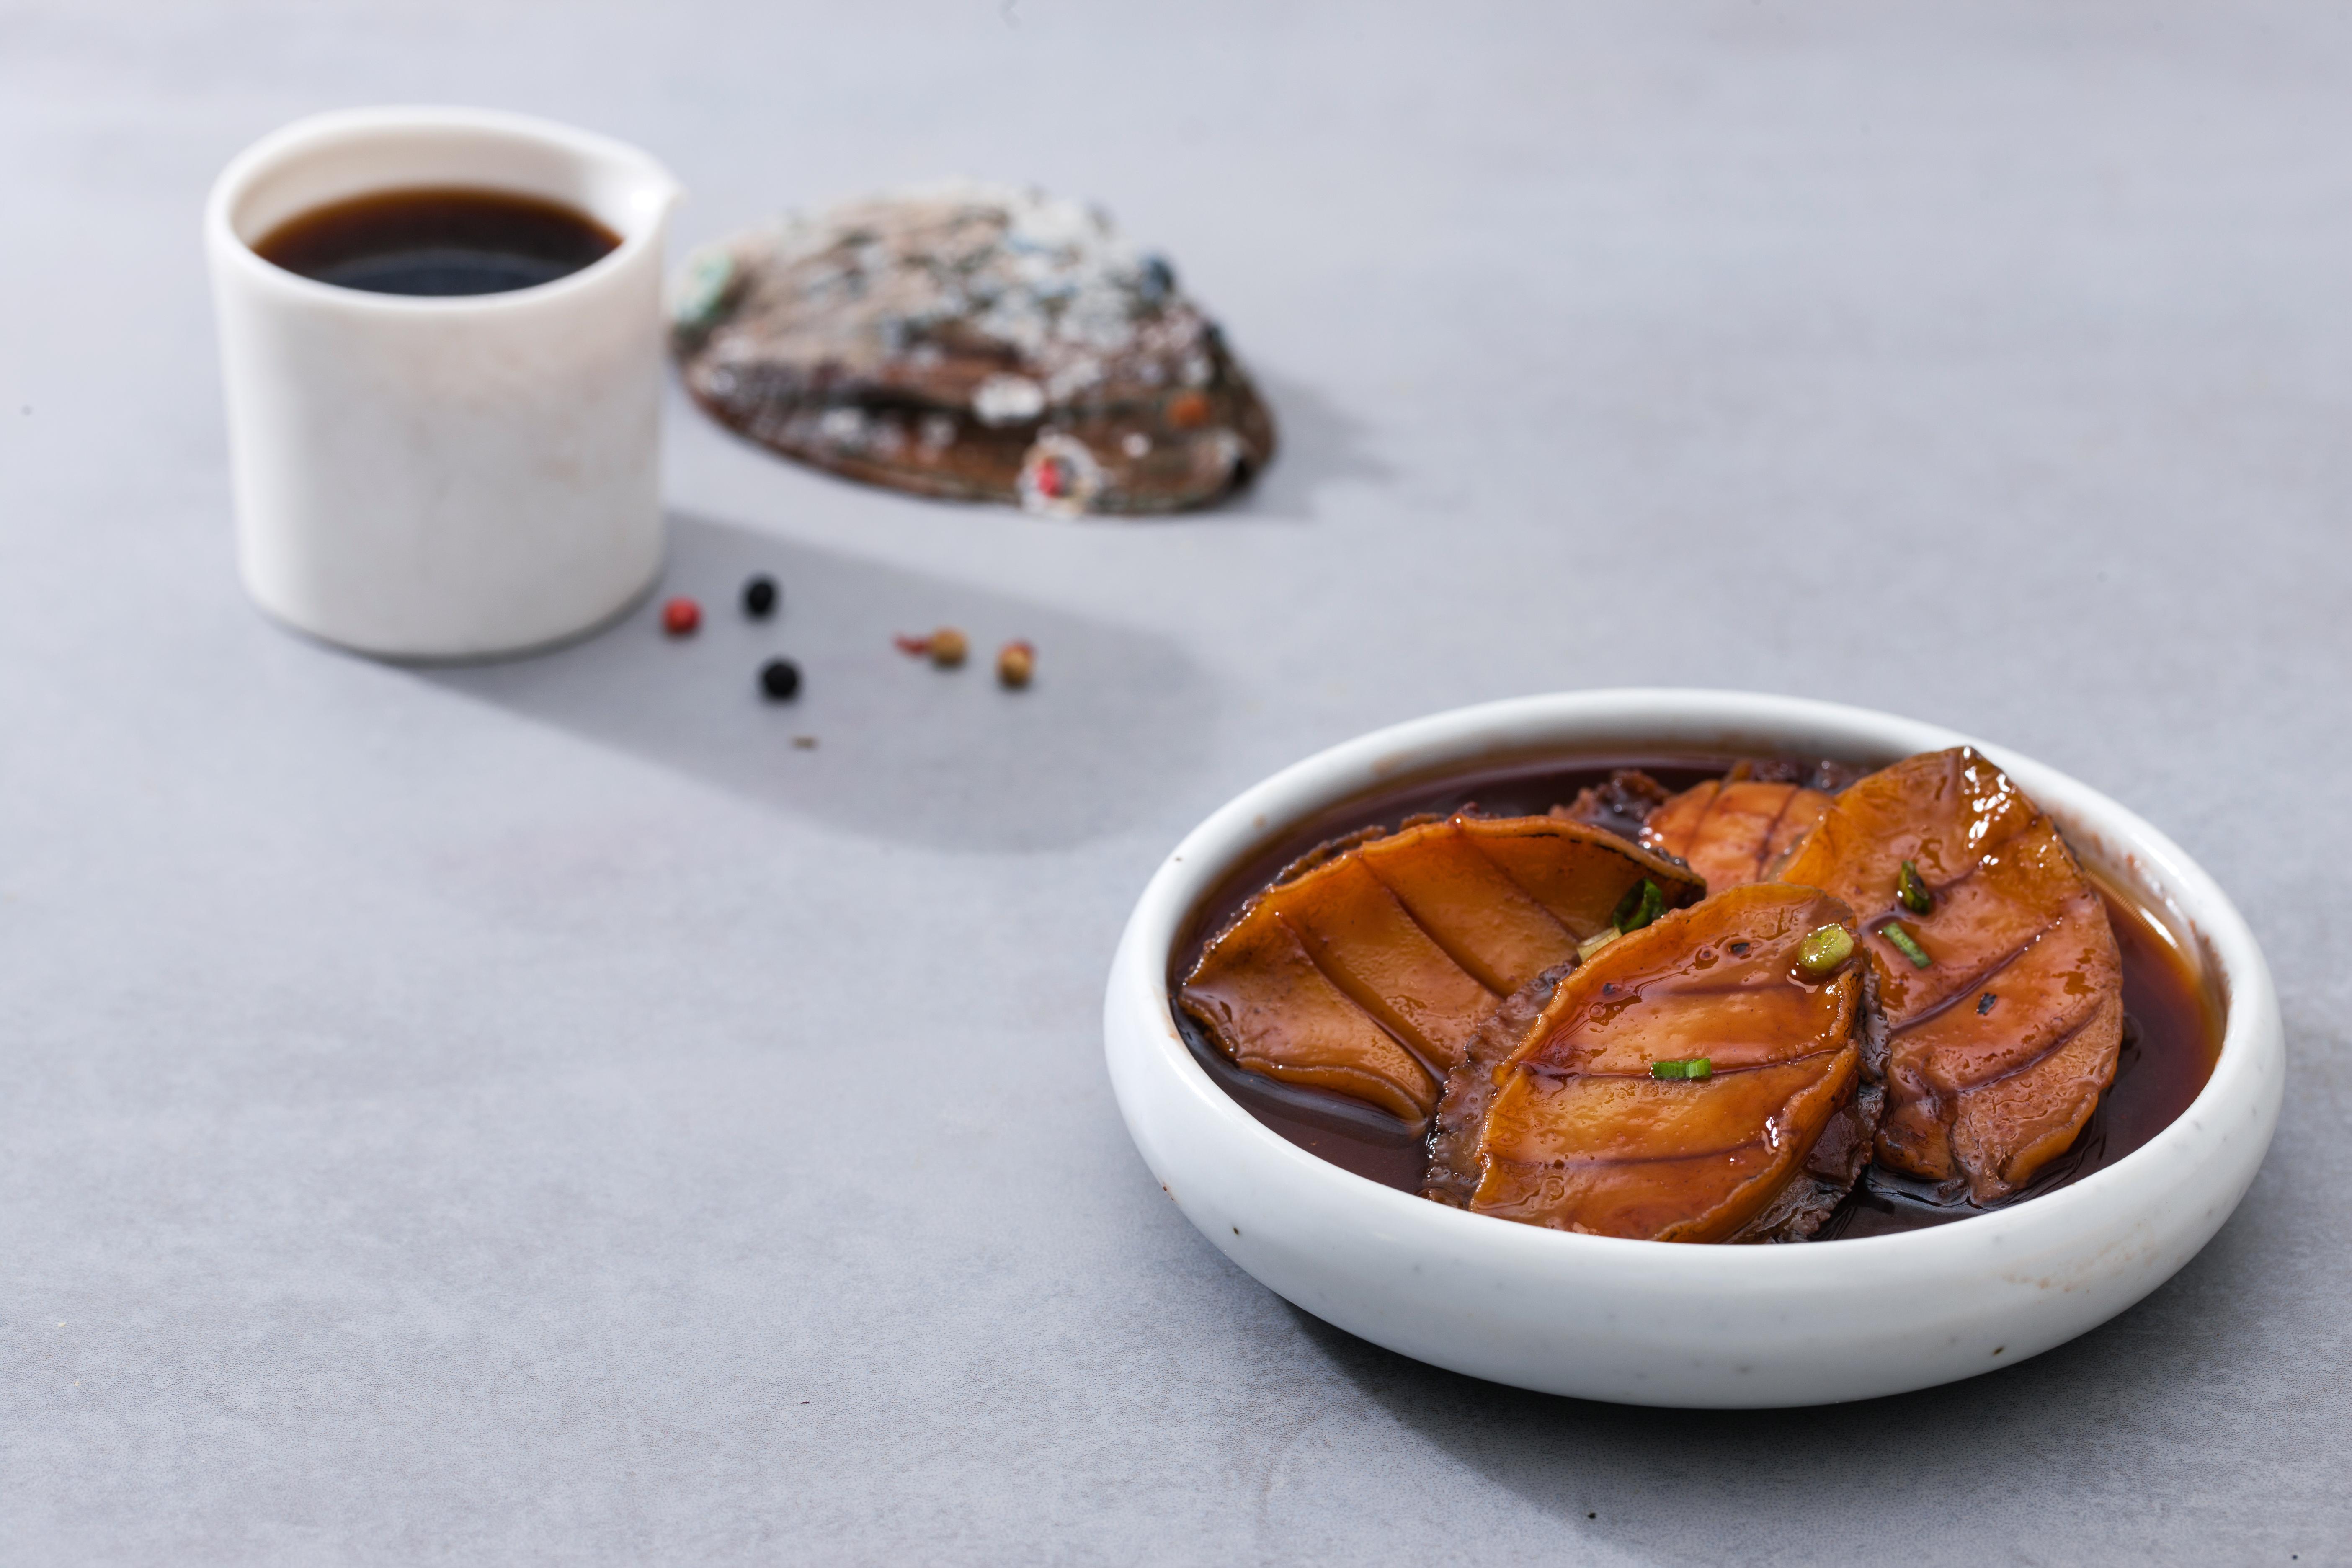 반찬추천 전복장조림 4종(스테이크맛/훈제맛/매운맛/순한맛)